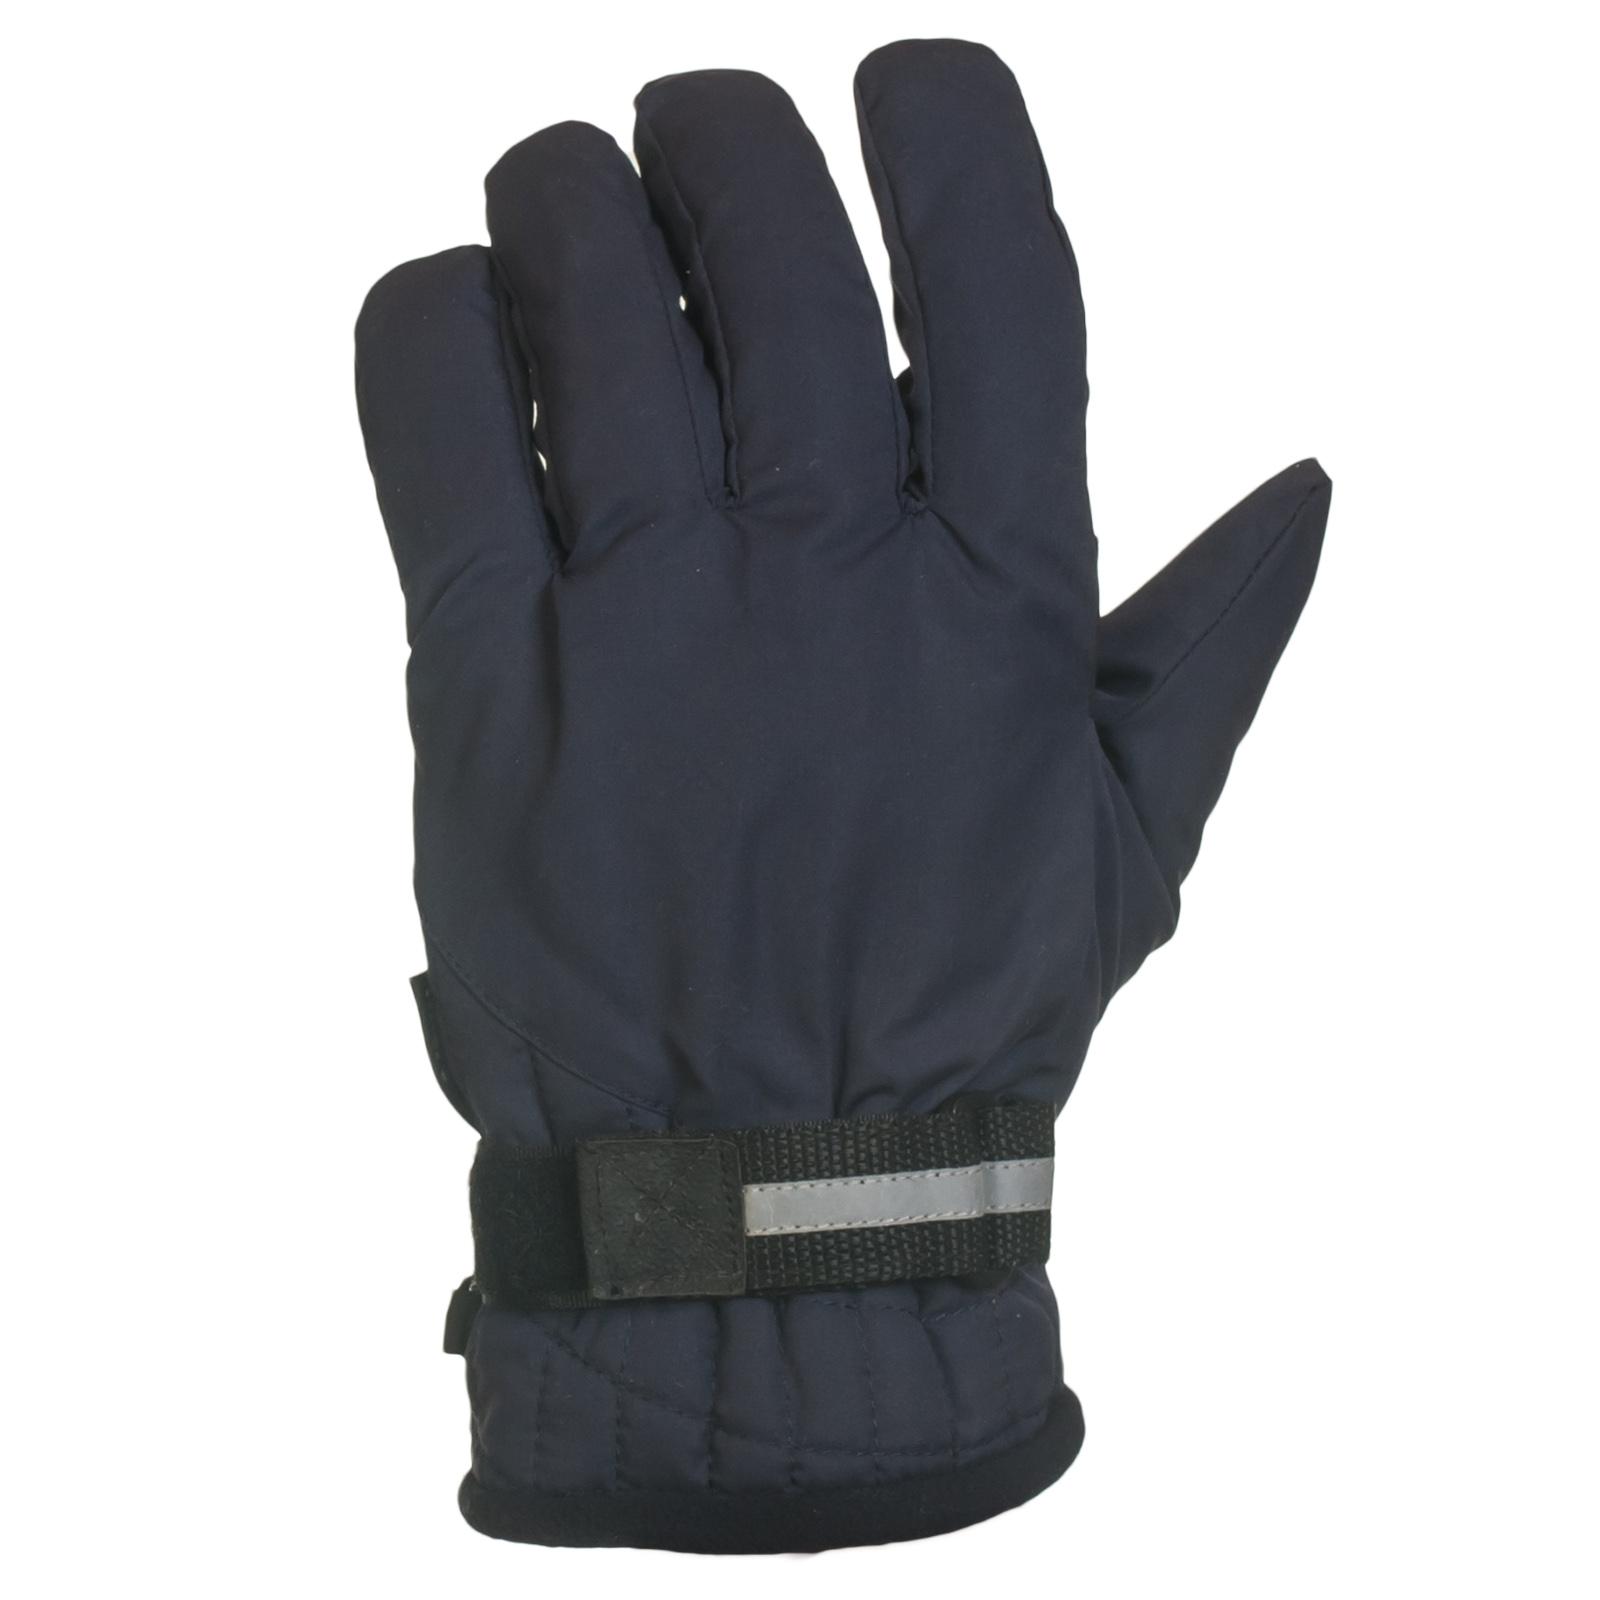 Синие перчатки с черными вставками на ладонях